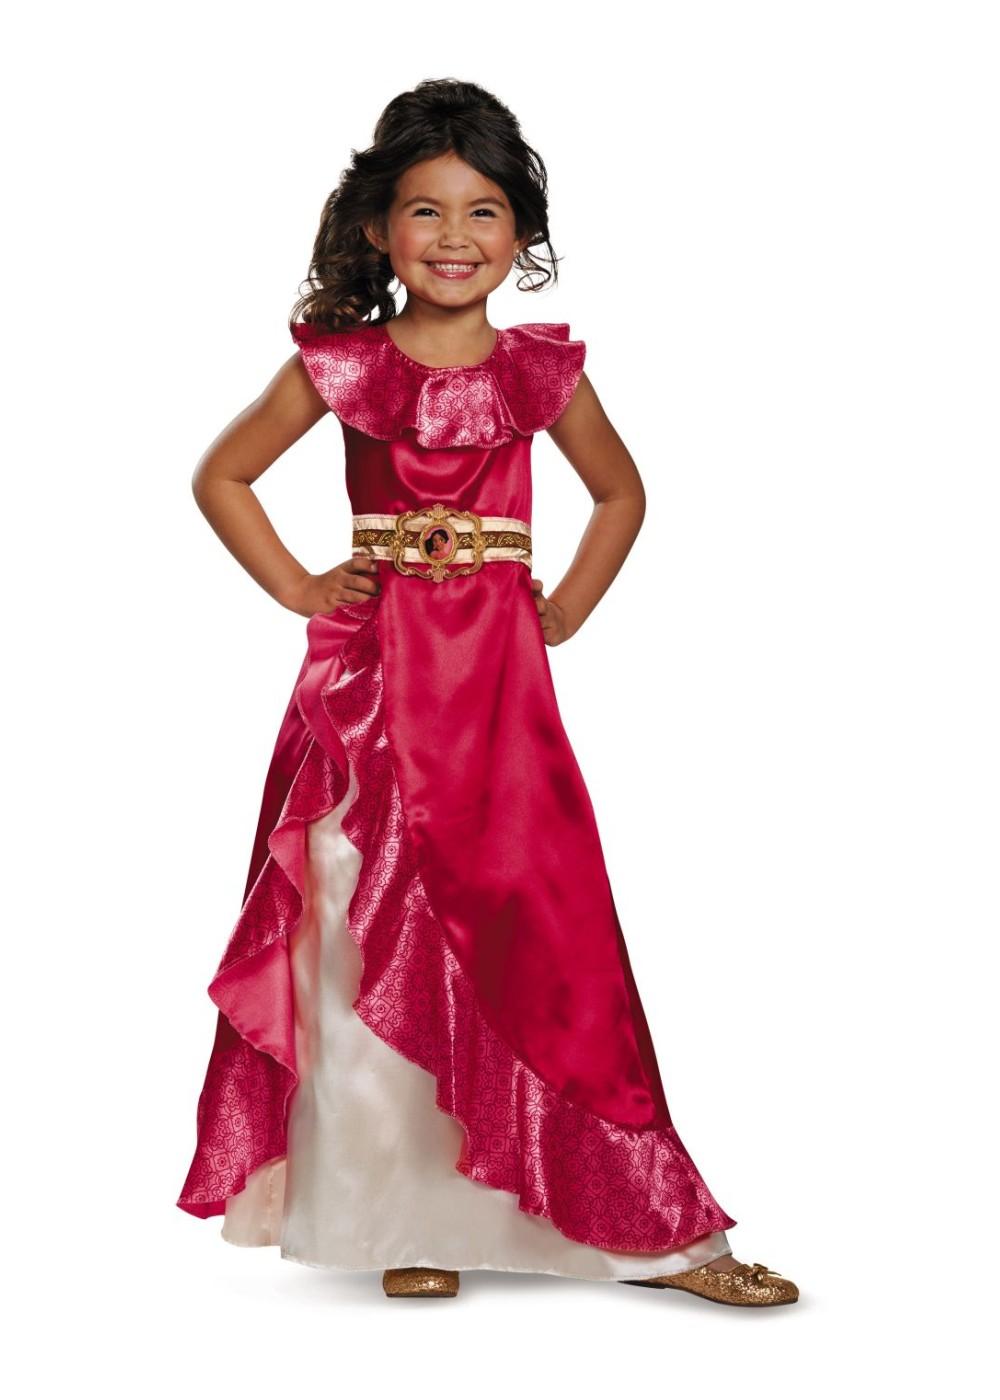 Elena of Avalor Adventure Dress Girl Disney Costume - Girls Disney Costumes - Kids Disney Dress At WonderCostumes.com